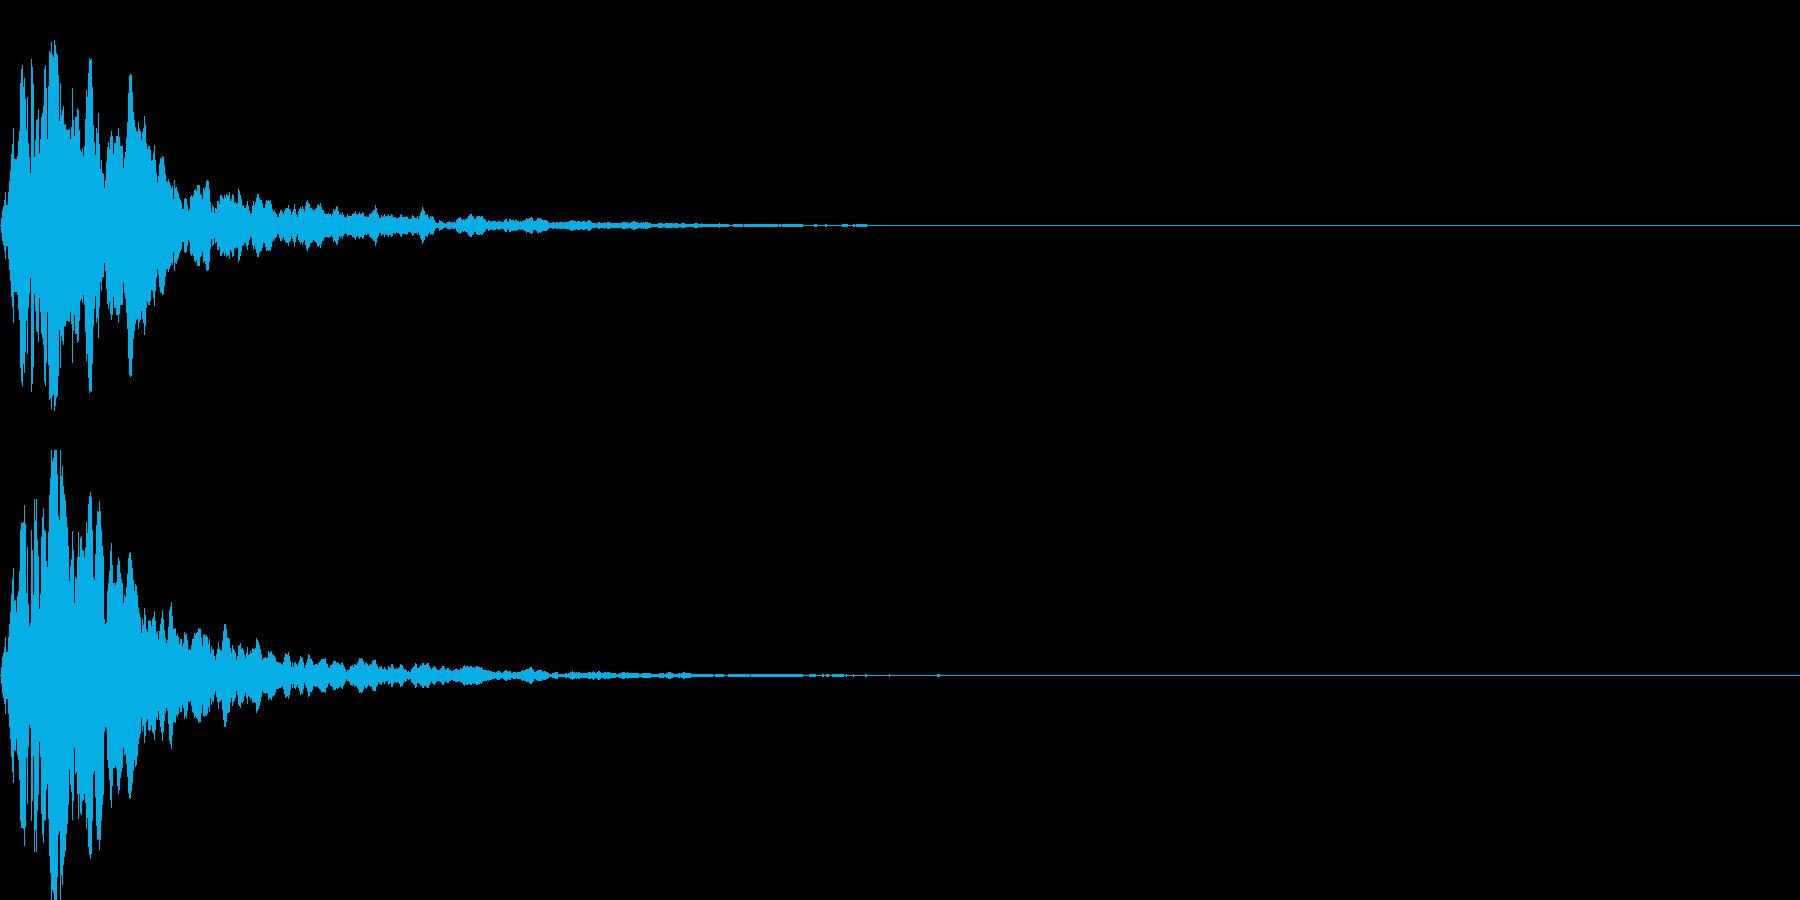 キャンセル音07の再生済みの波形